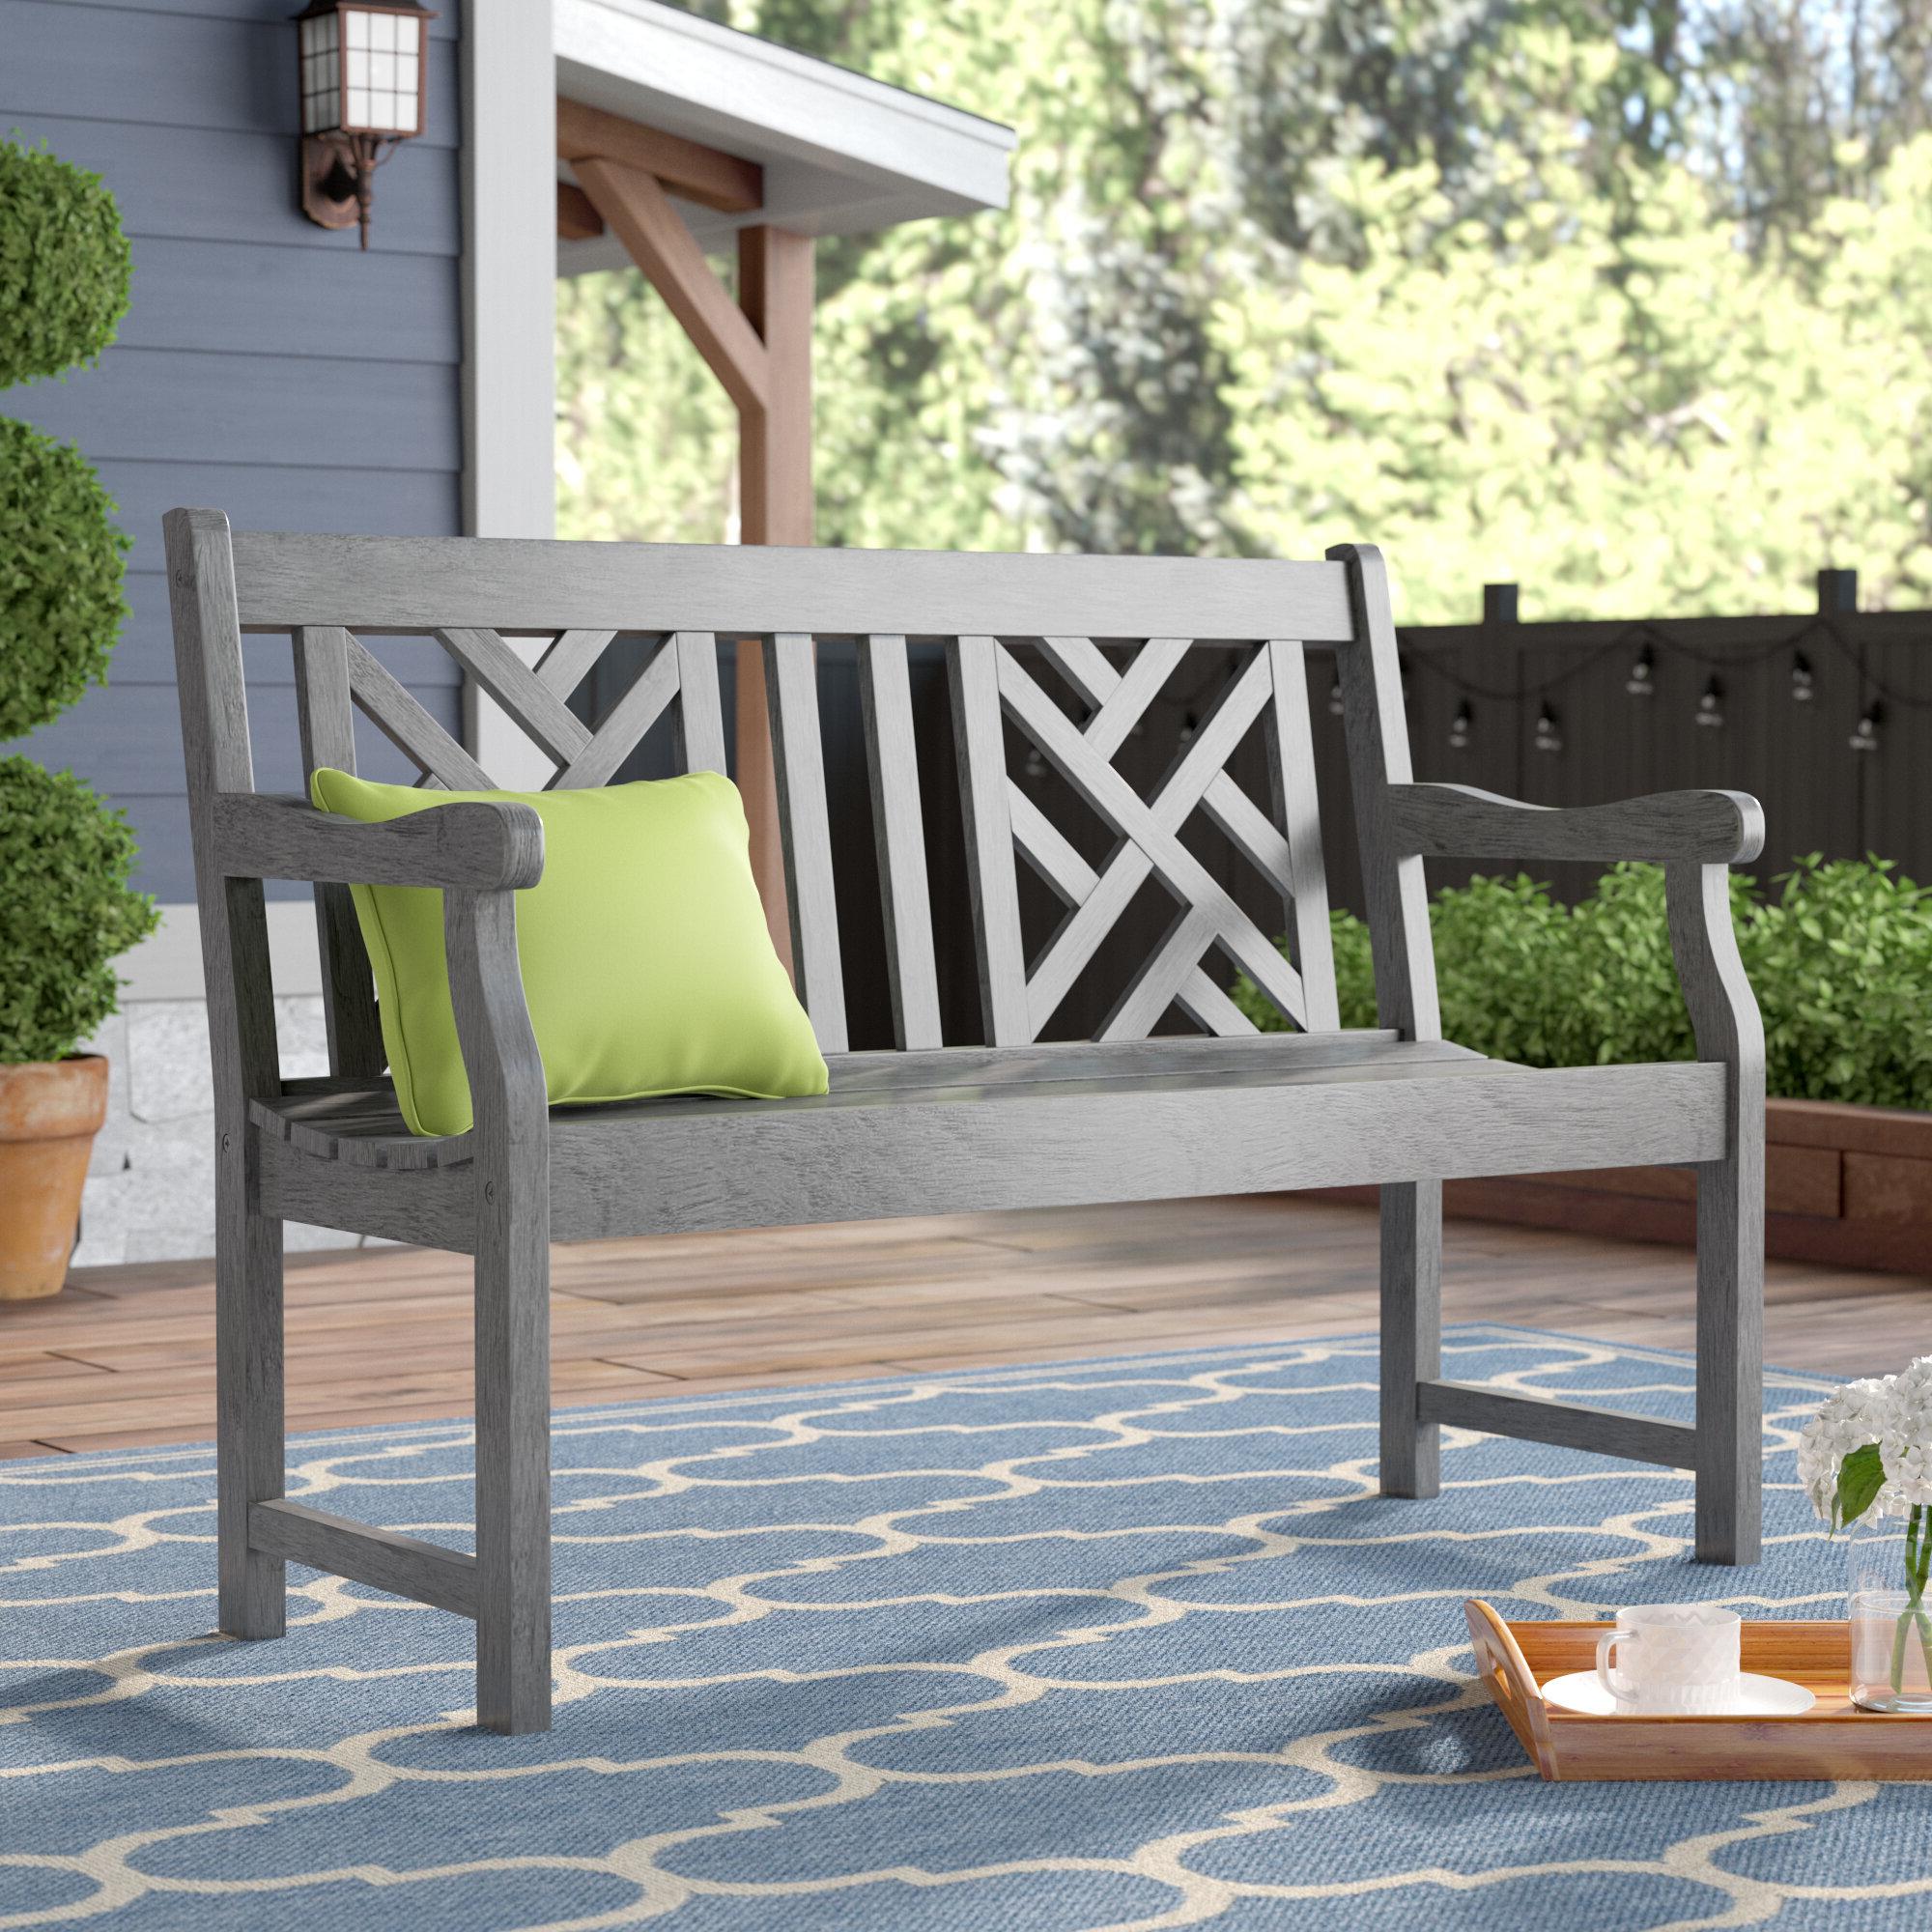 Shelbie Wooden Garden Bench With Regard To 2020 Elsner Acacia Garden Benches (View 5 of 30)